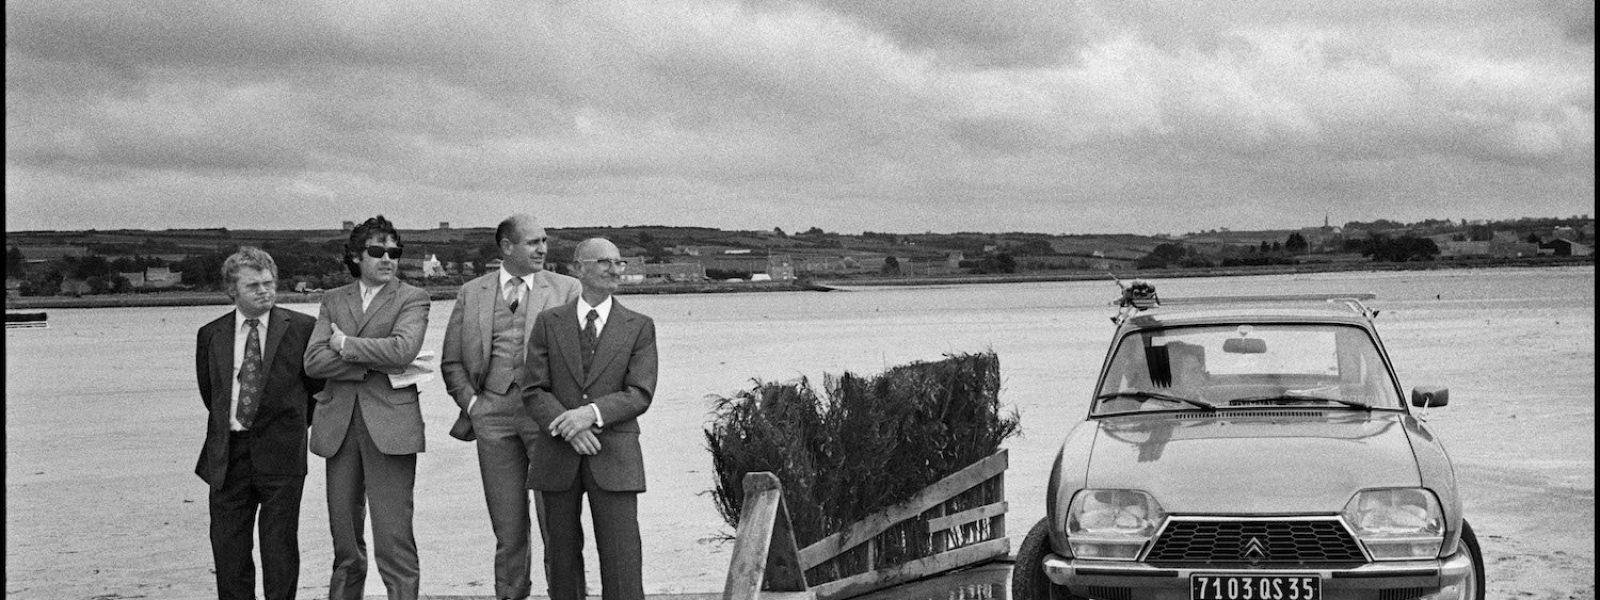 Baie de Kernic, Plouescat, Finistère Nord, France, 5 août 1973